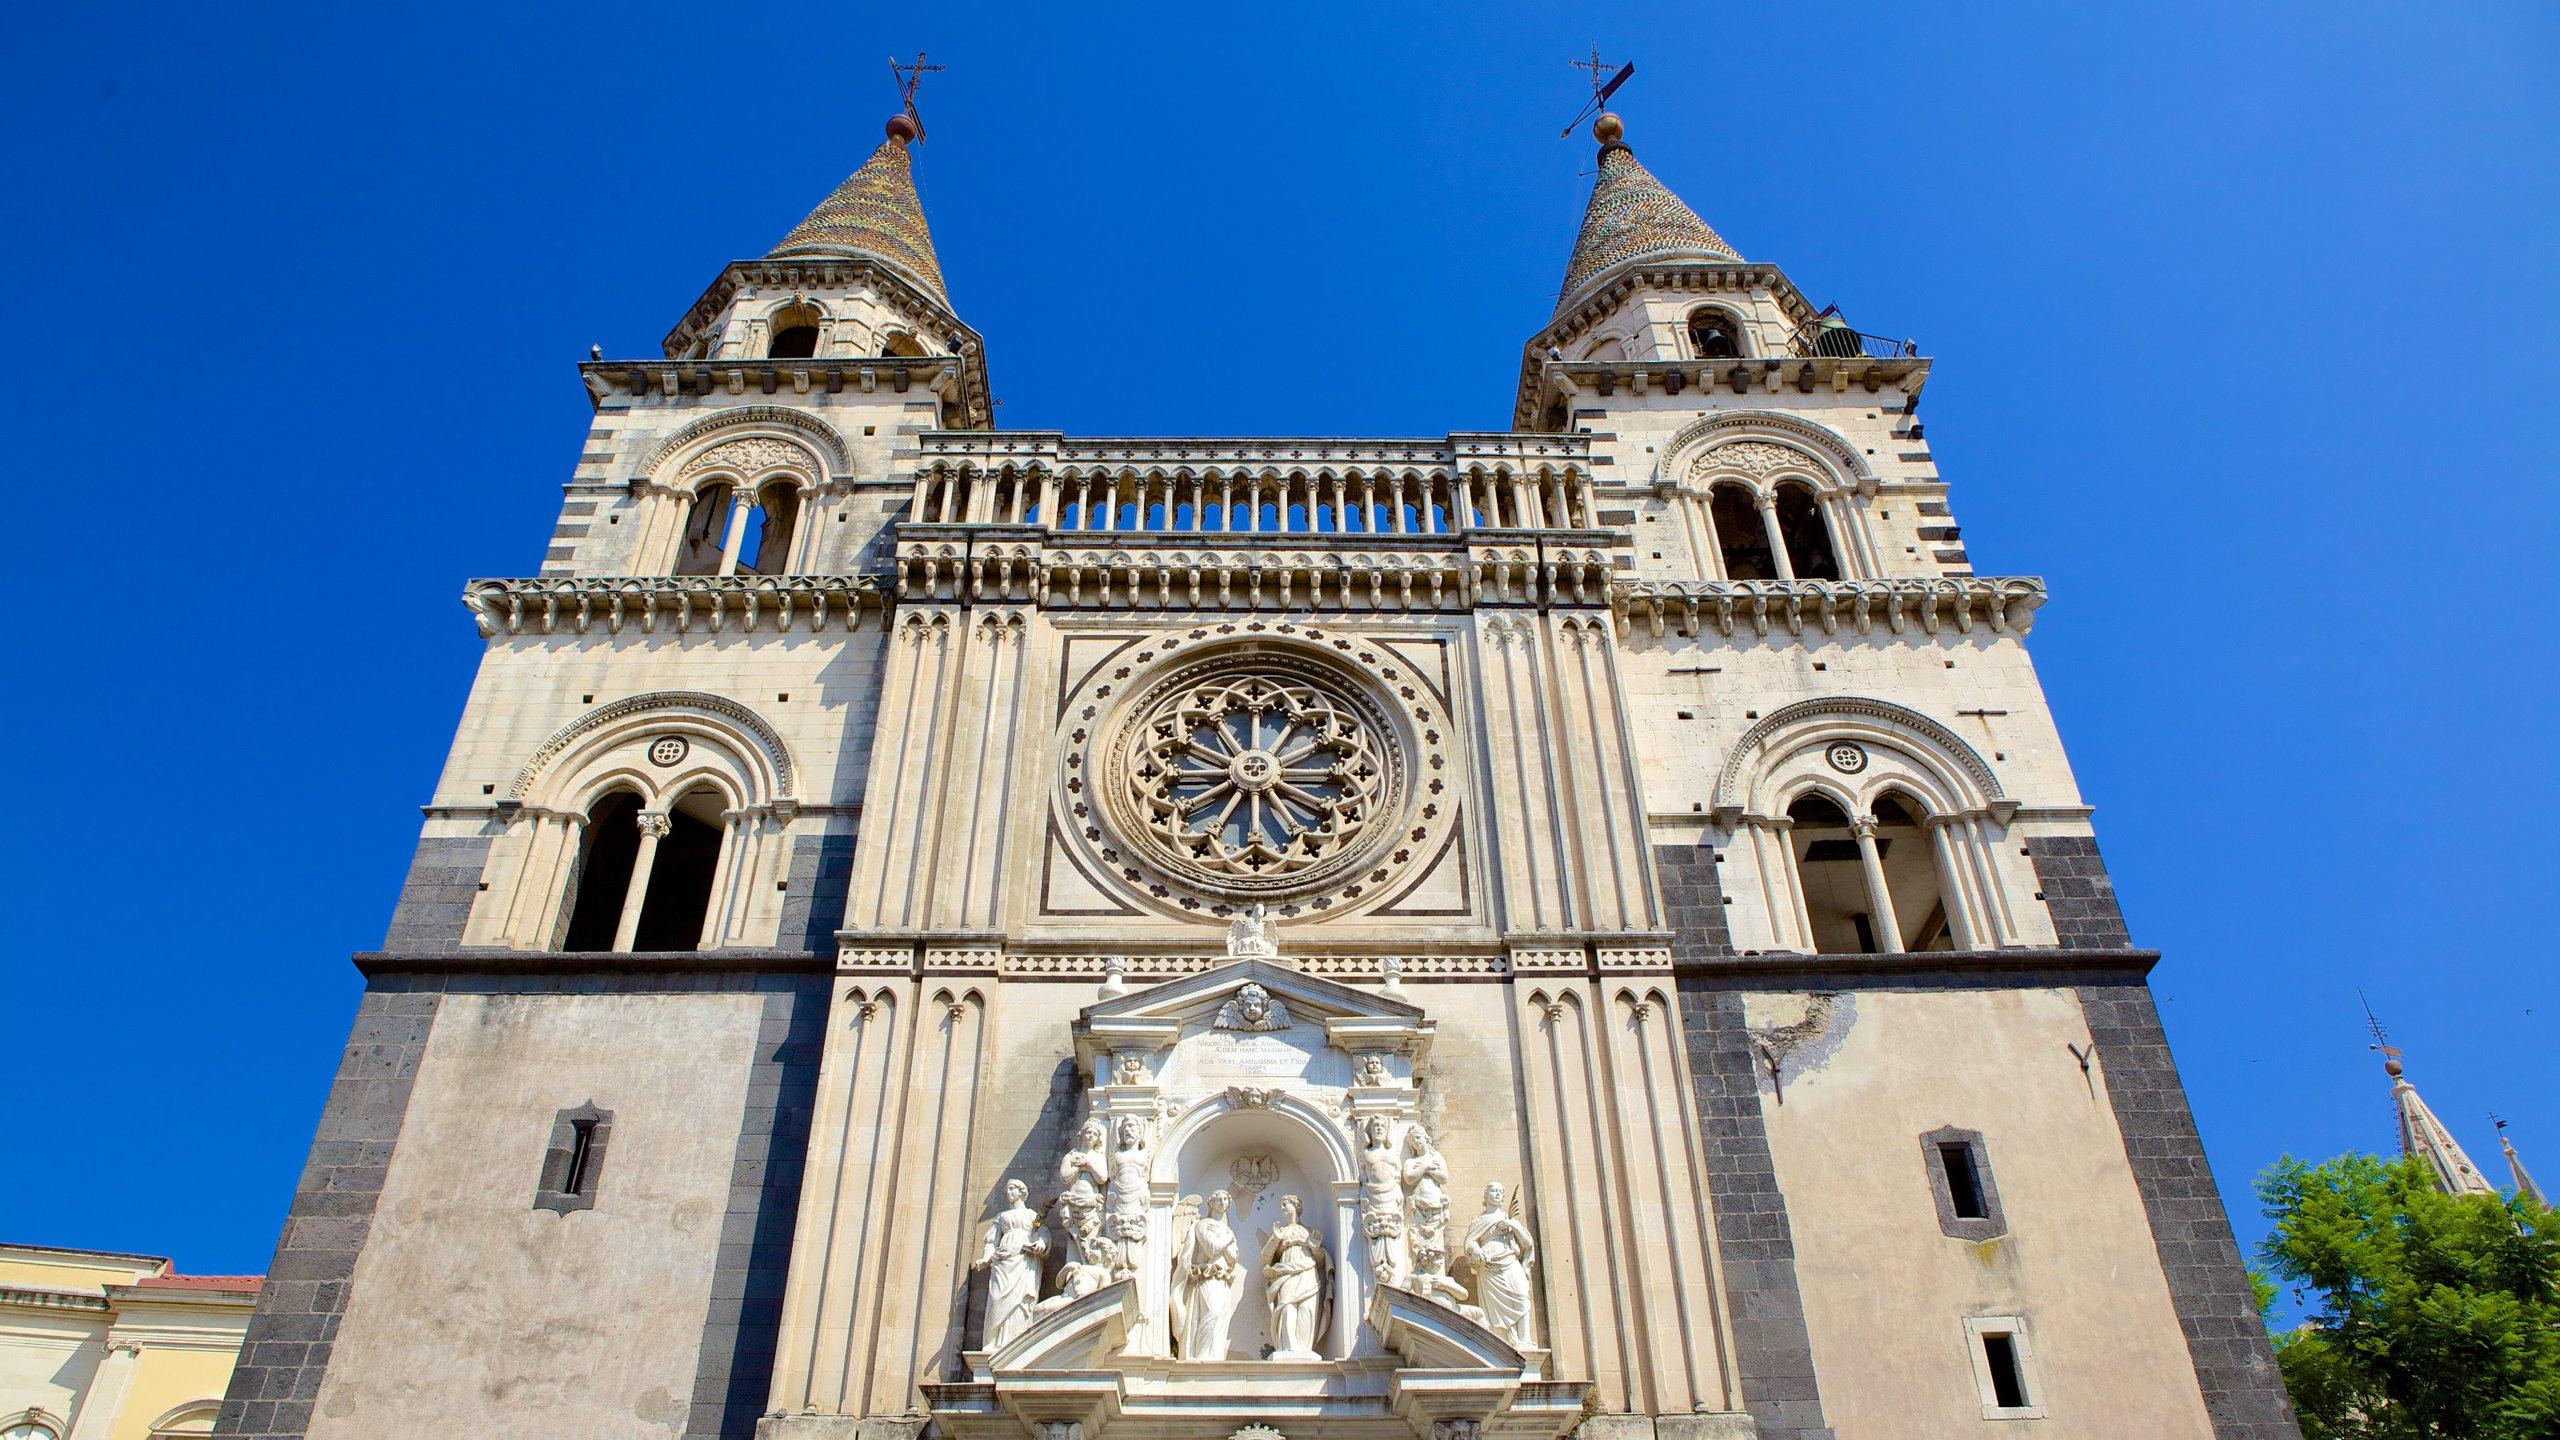 Hilton Catania Capomulini Lavoro hotel vicino a cattedrale di acireale | alberghi vicino a